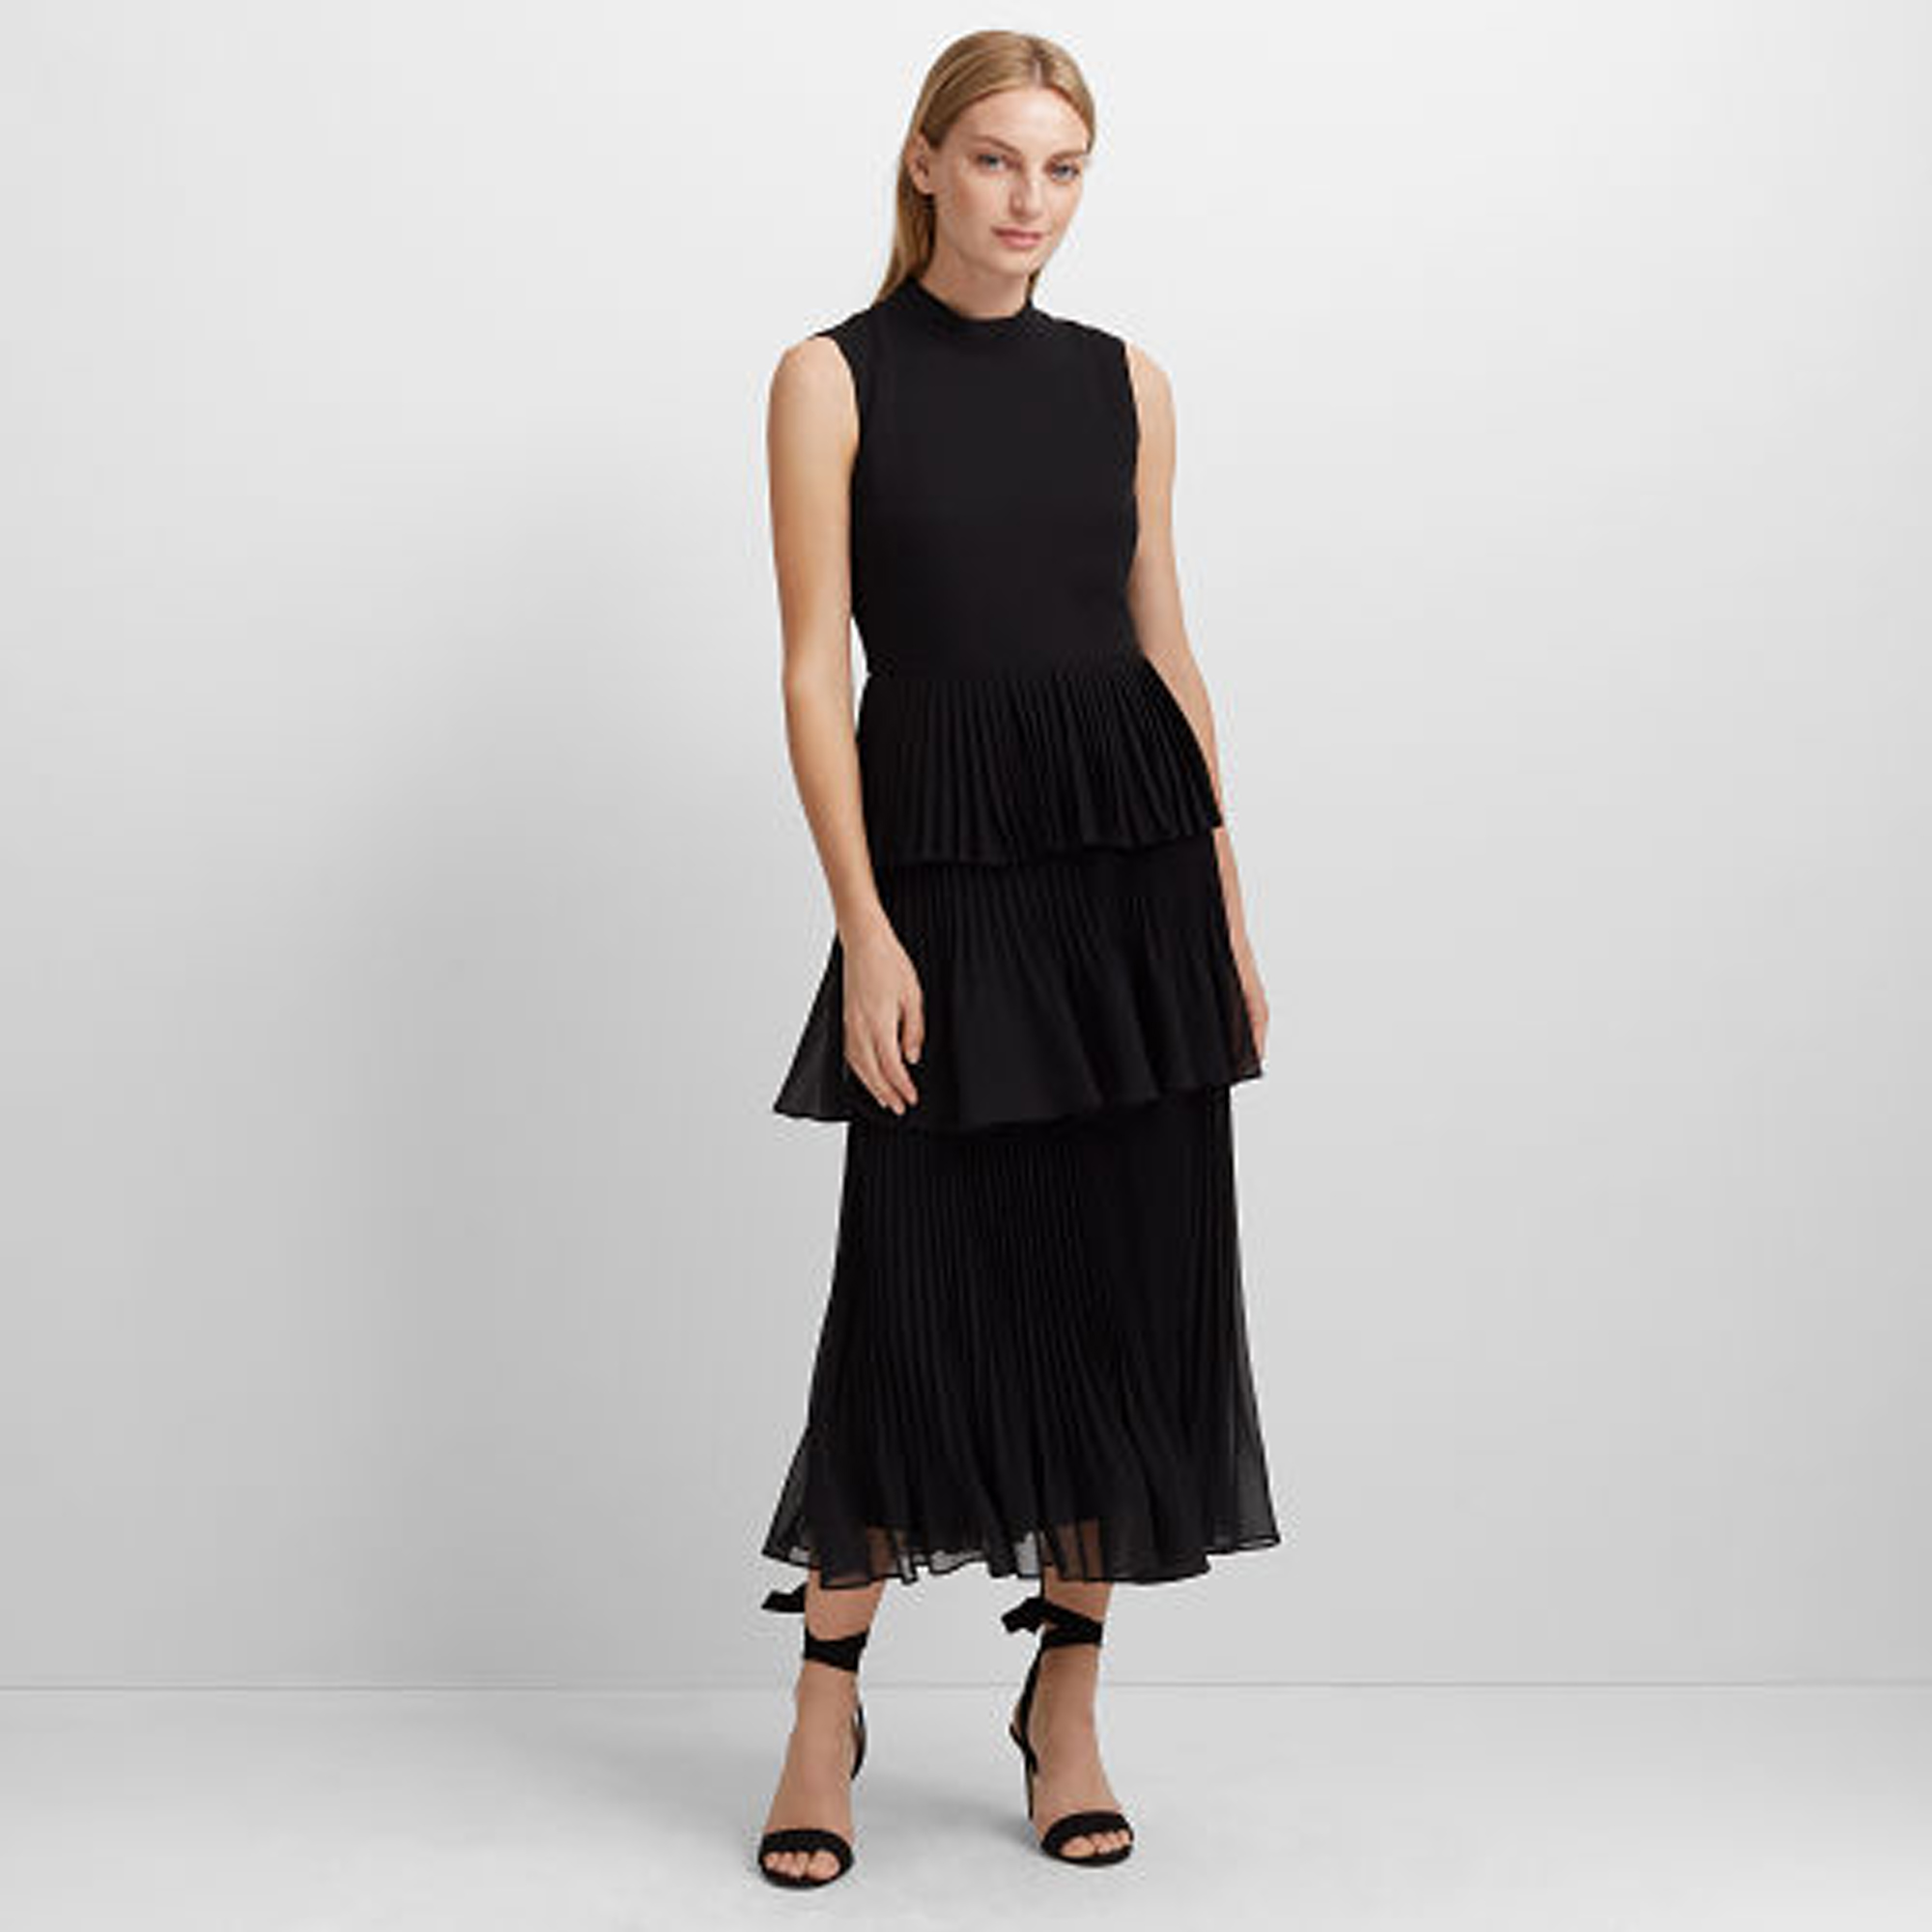 Jubileeza Dress   HK$3,290